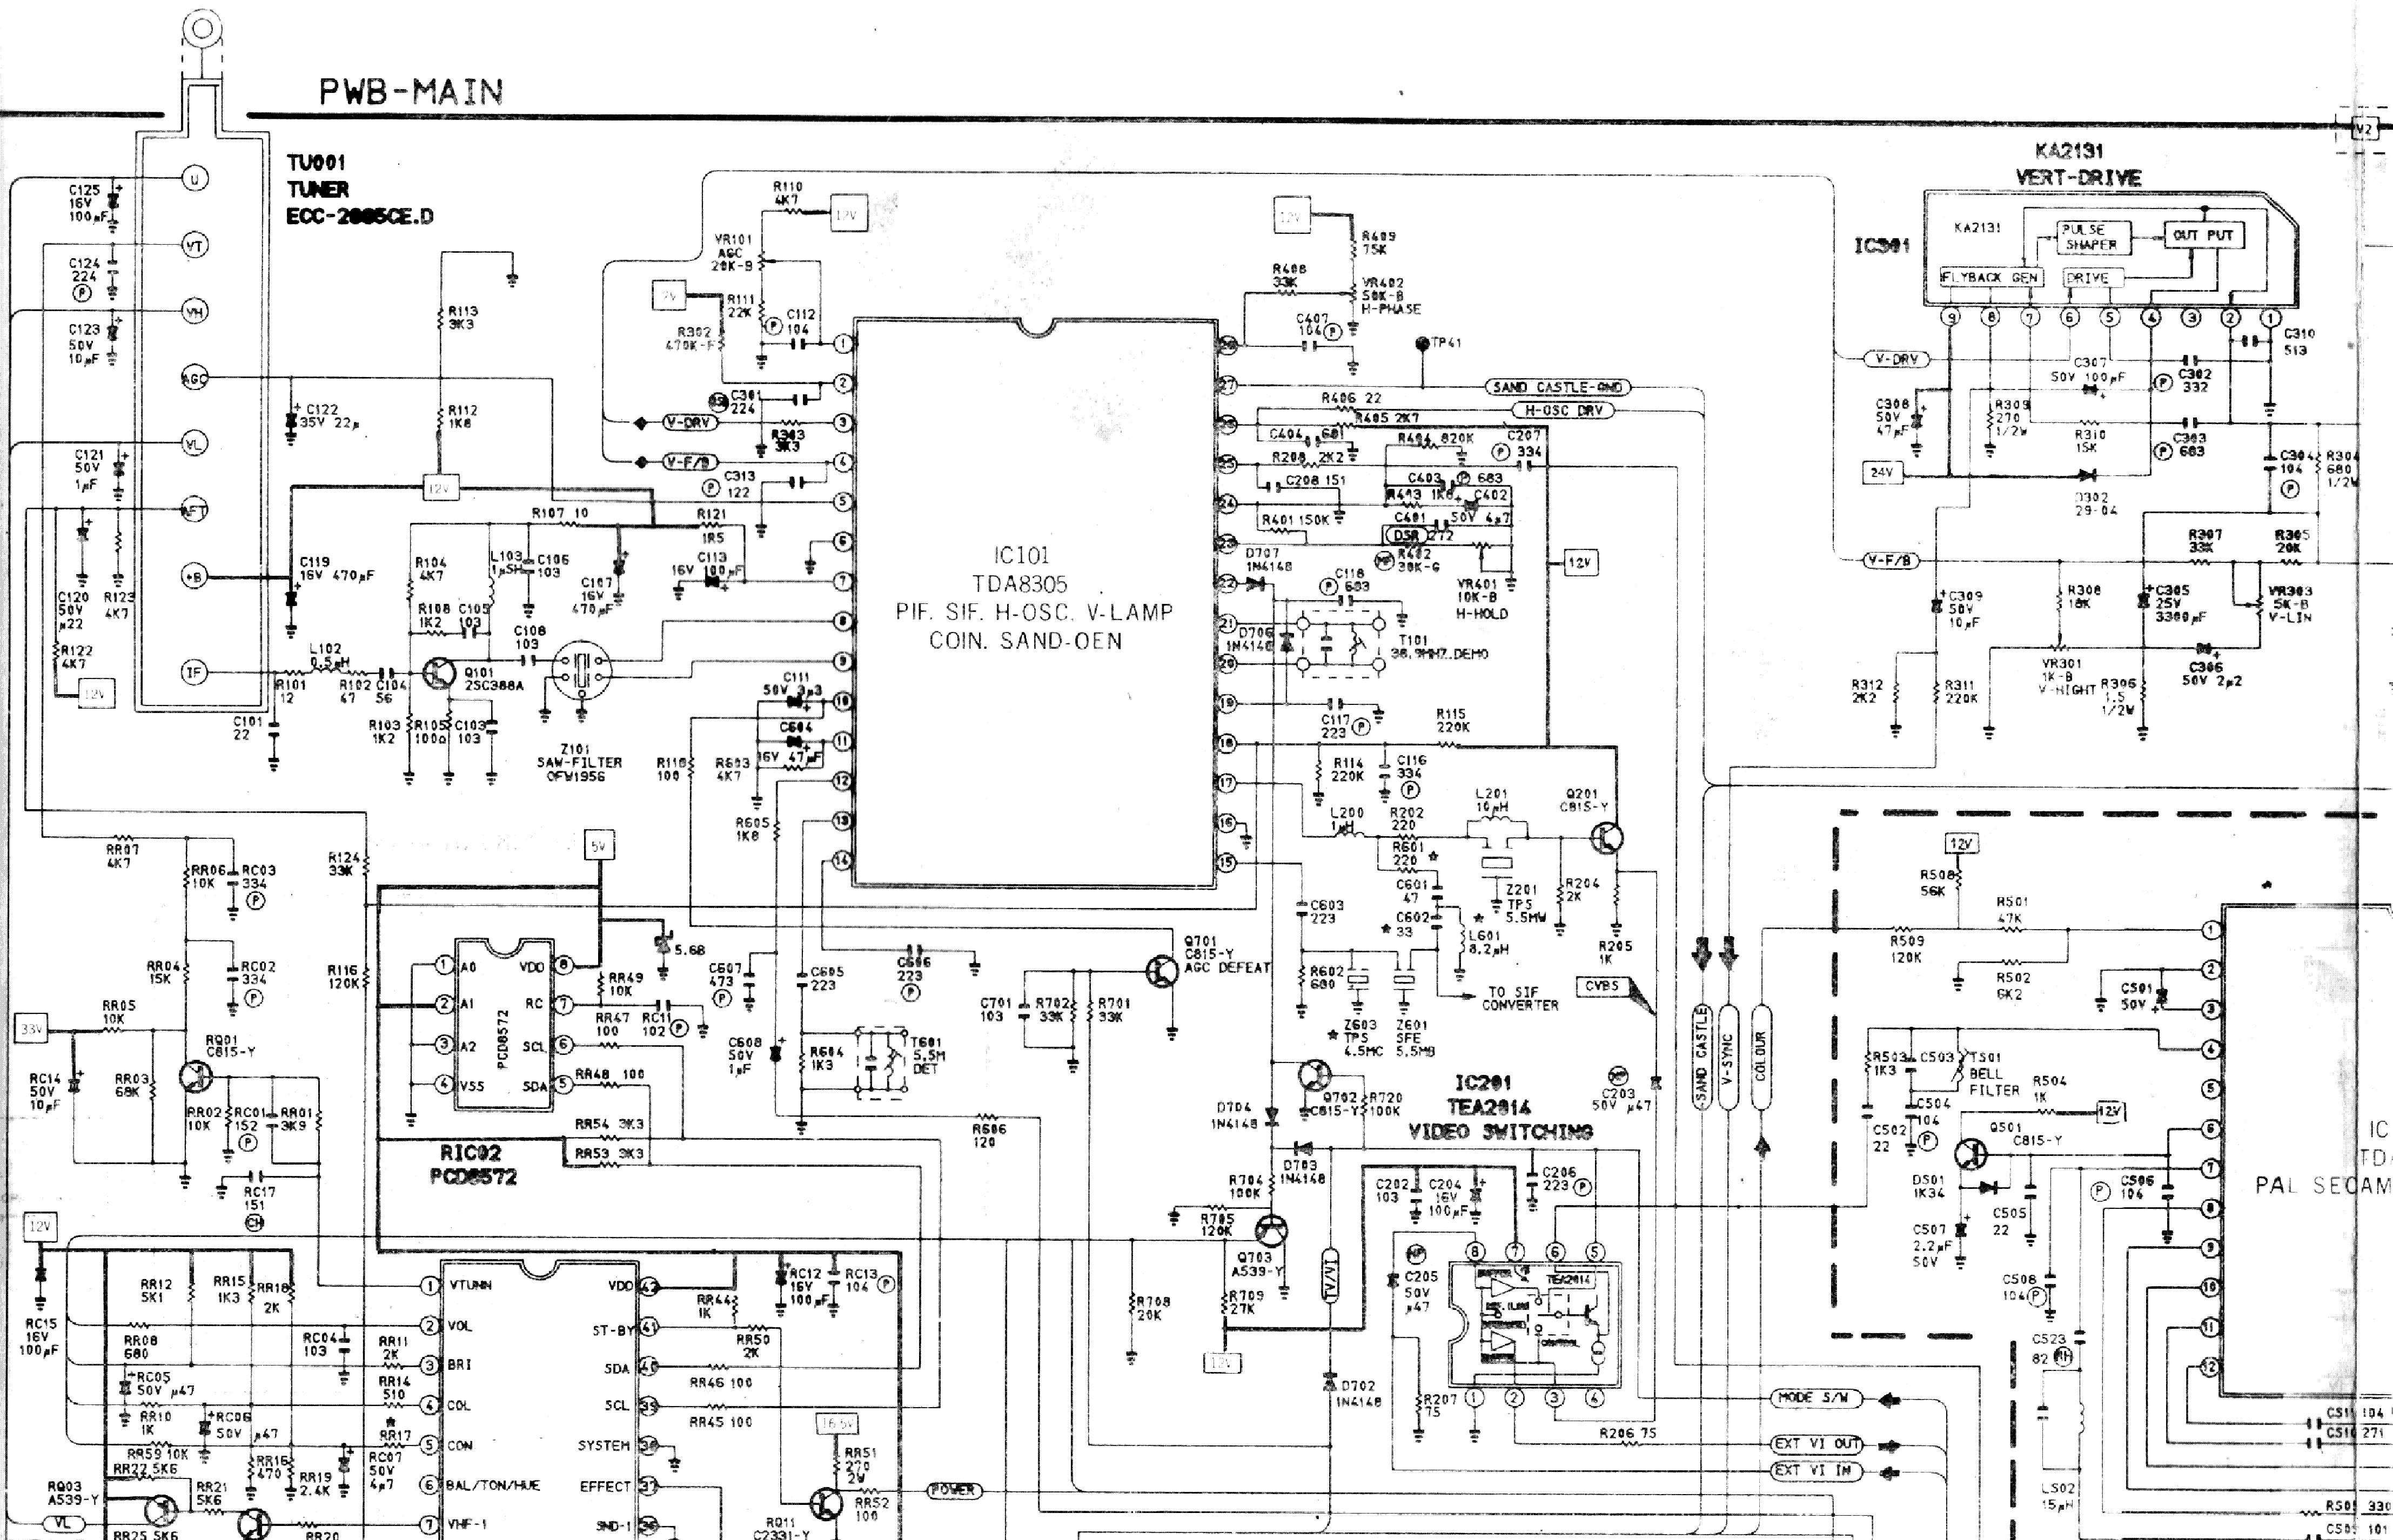 ютуб электрическая схема телевизора самсунг модель ск-5085 zr